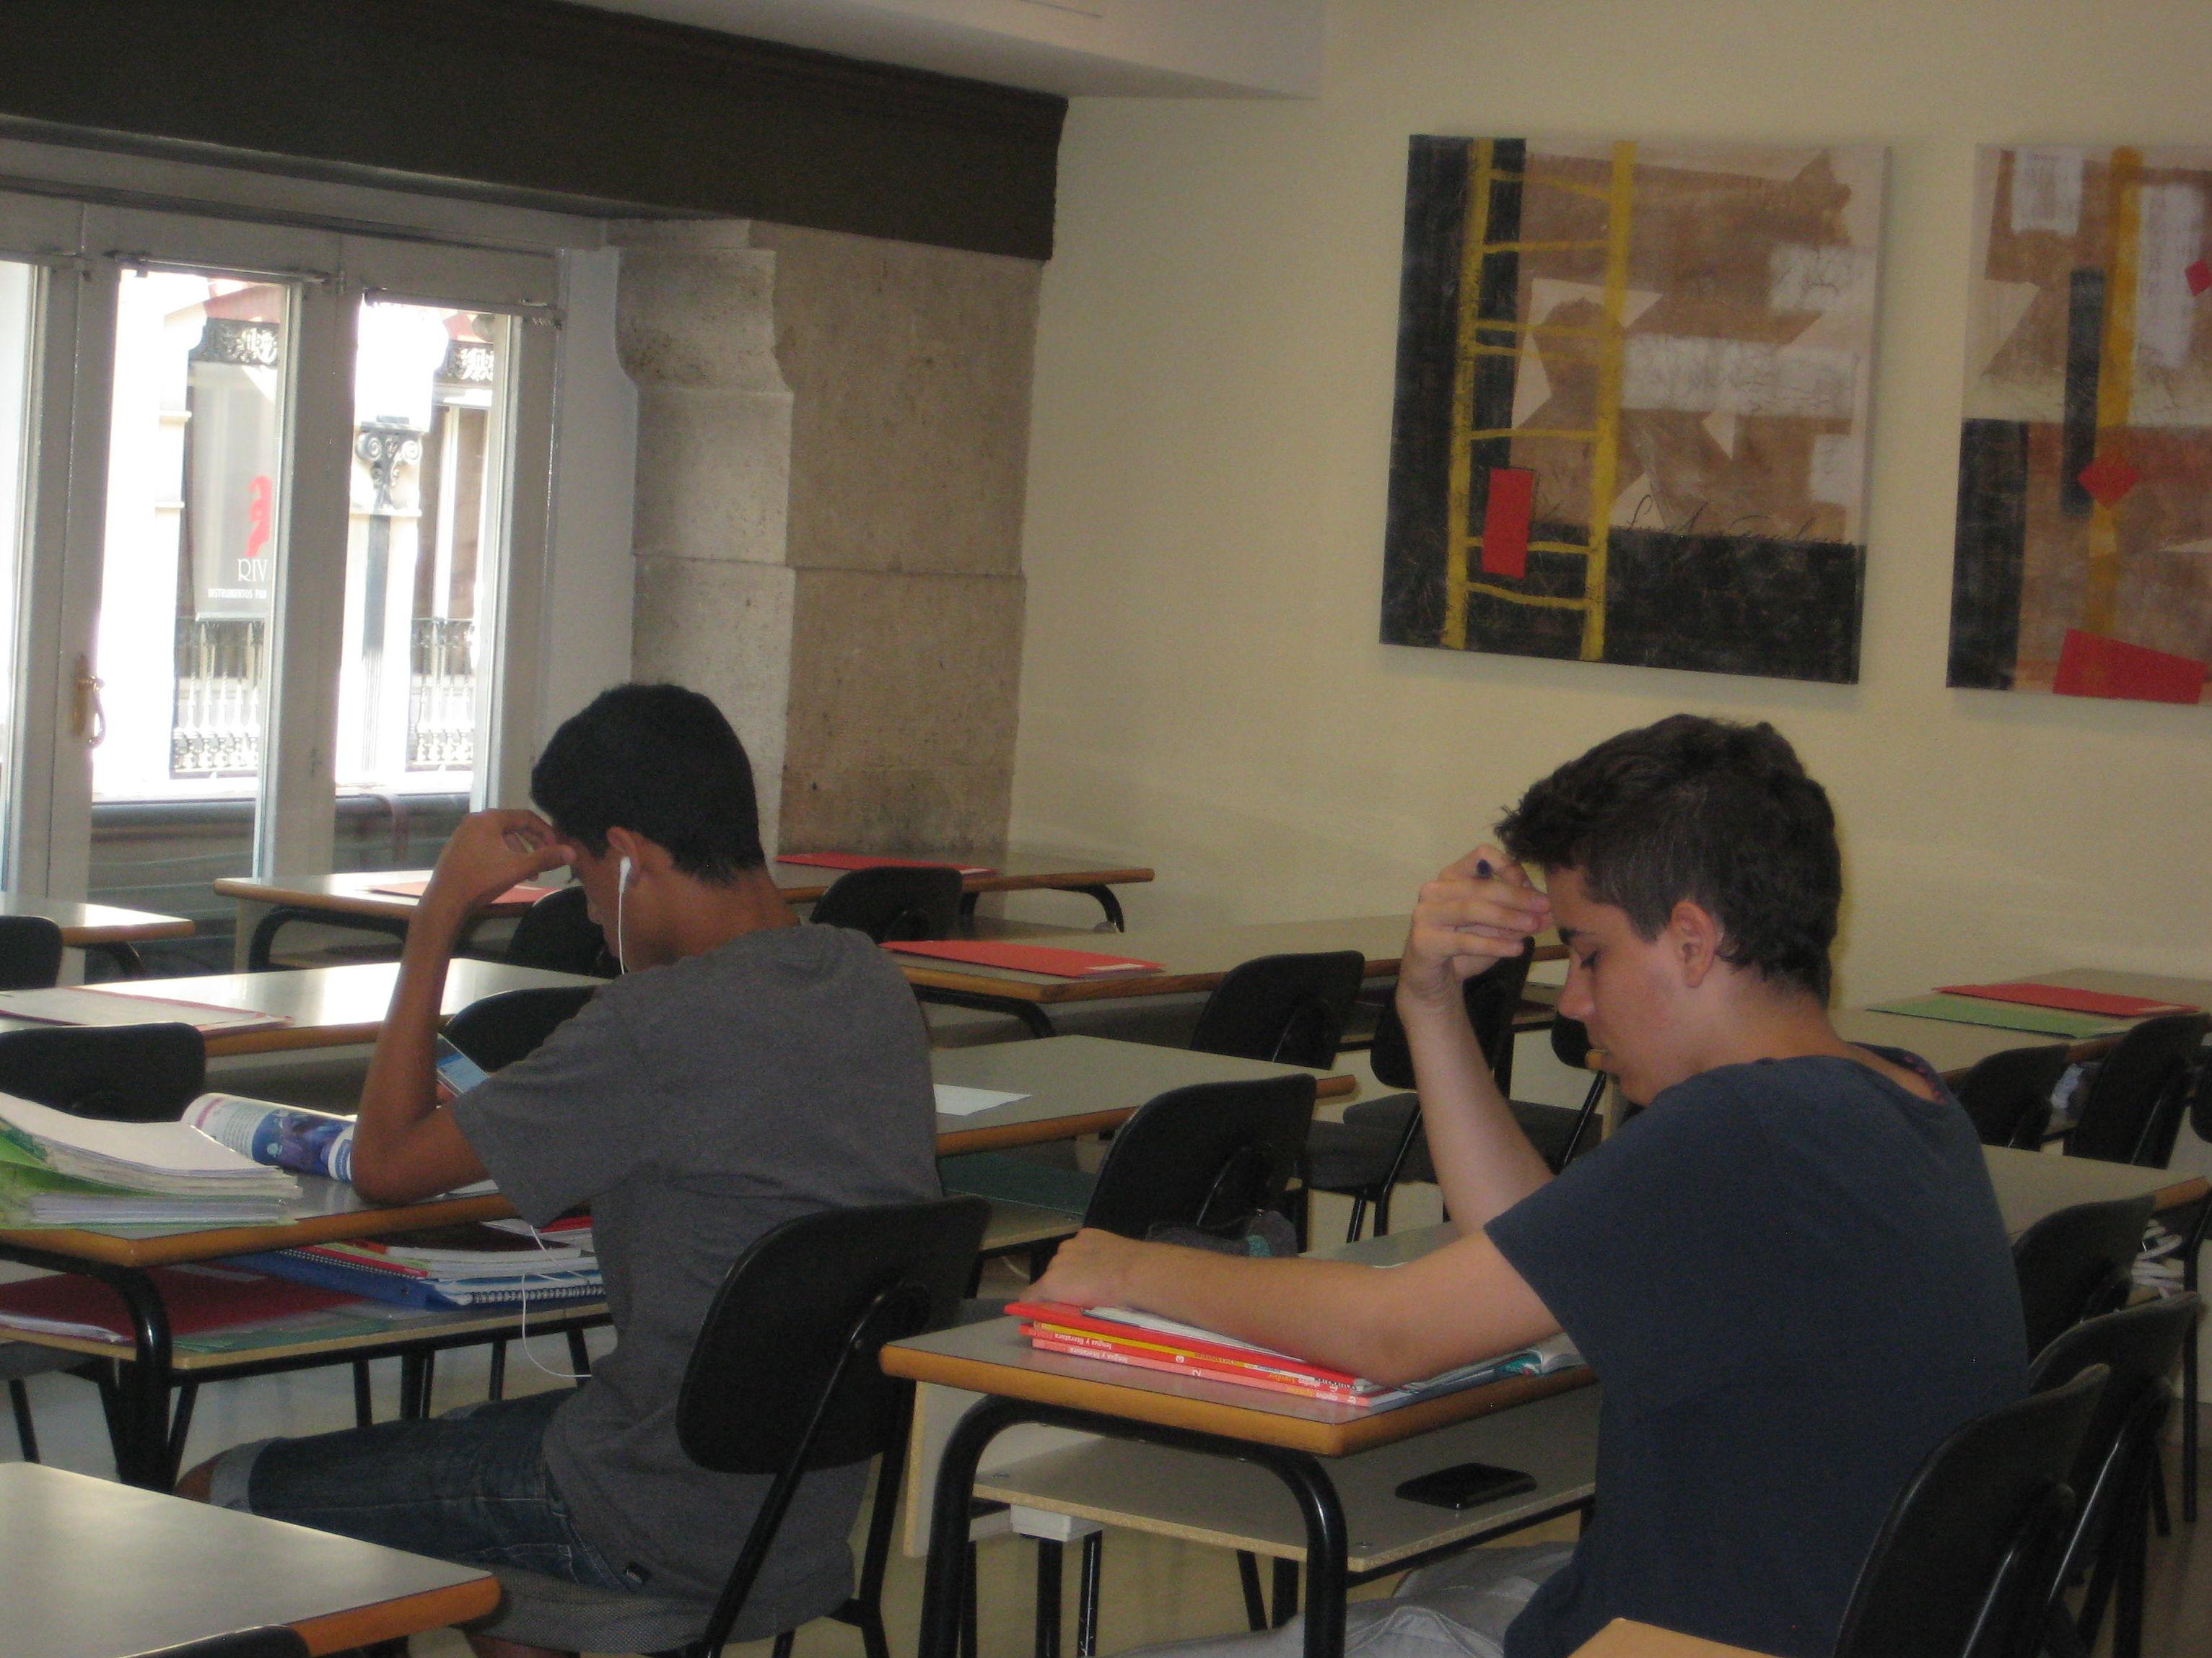 Técnicas de concentración y atención: INSTITUTO DE ORIENTACIÓN EDUCATIVA JM. VALENCIA